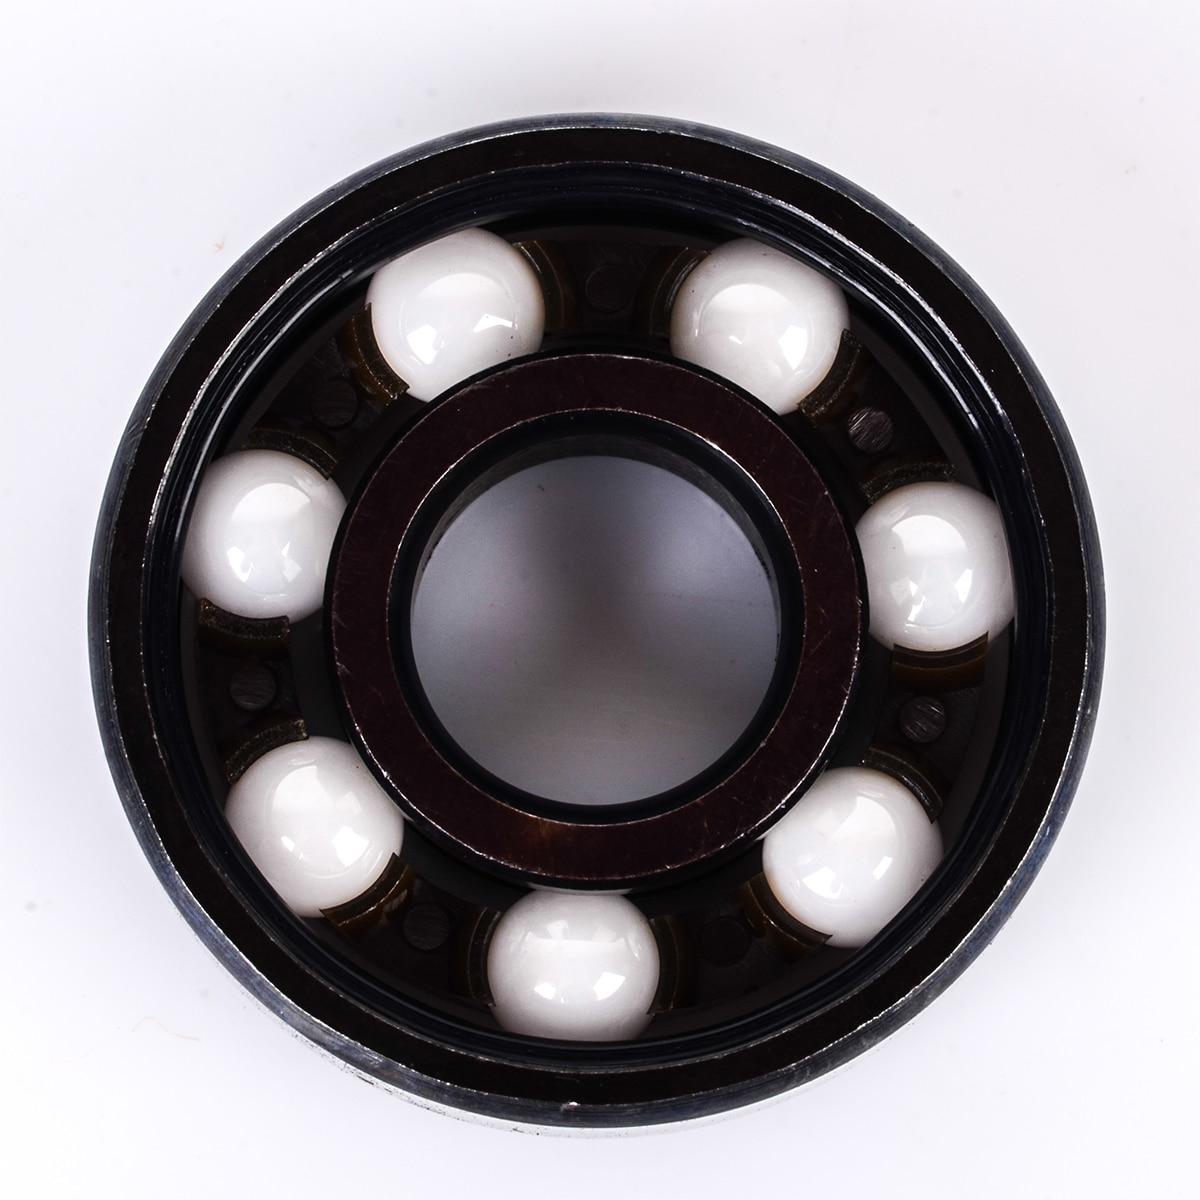 1X Round Mini Skateboard Bearings 608 Ceramic Inline Speed Ball Bearing Hardware Shafts For Finger Hand Spinner Skateboard